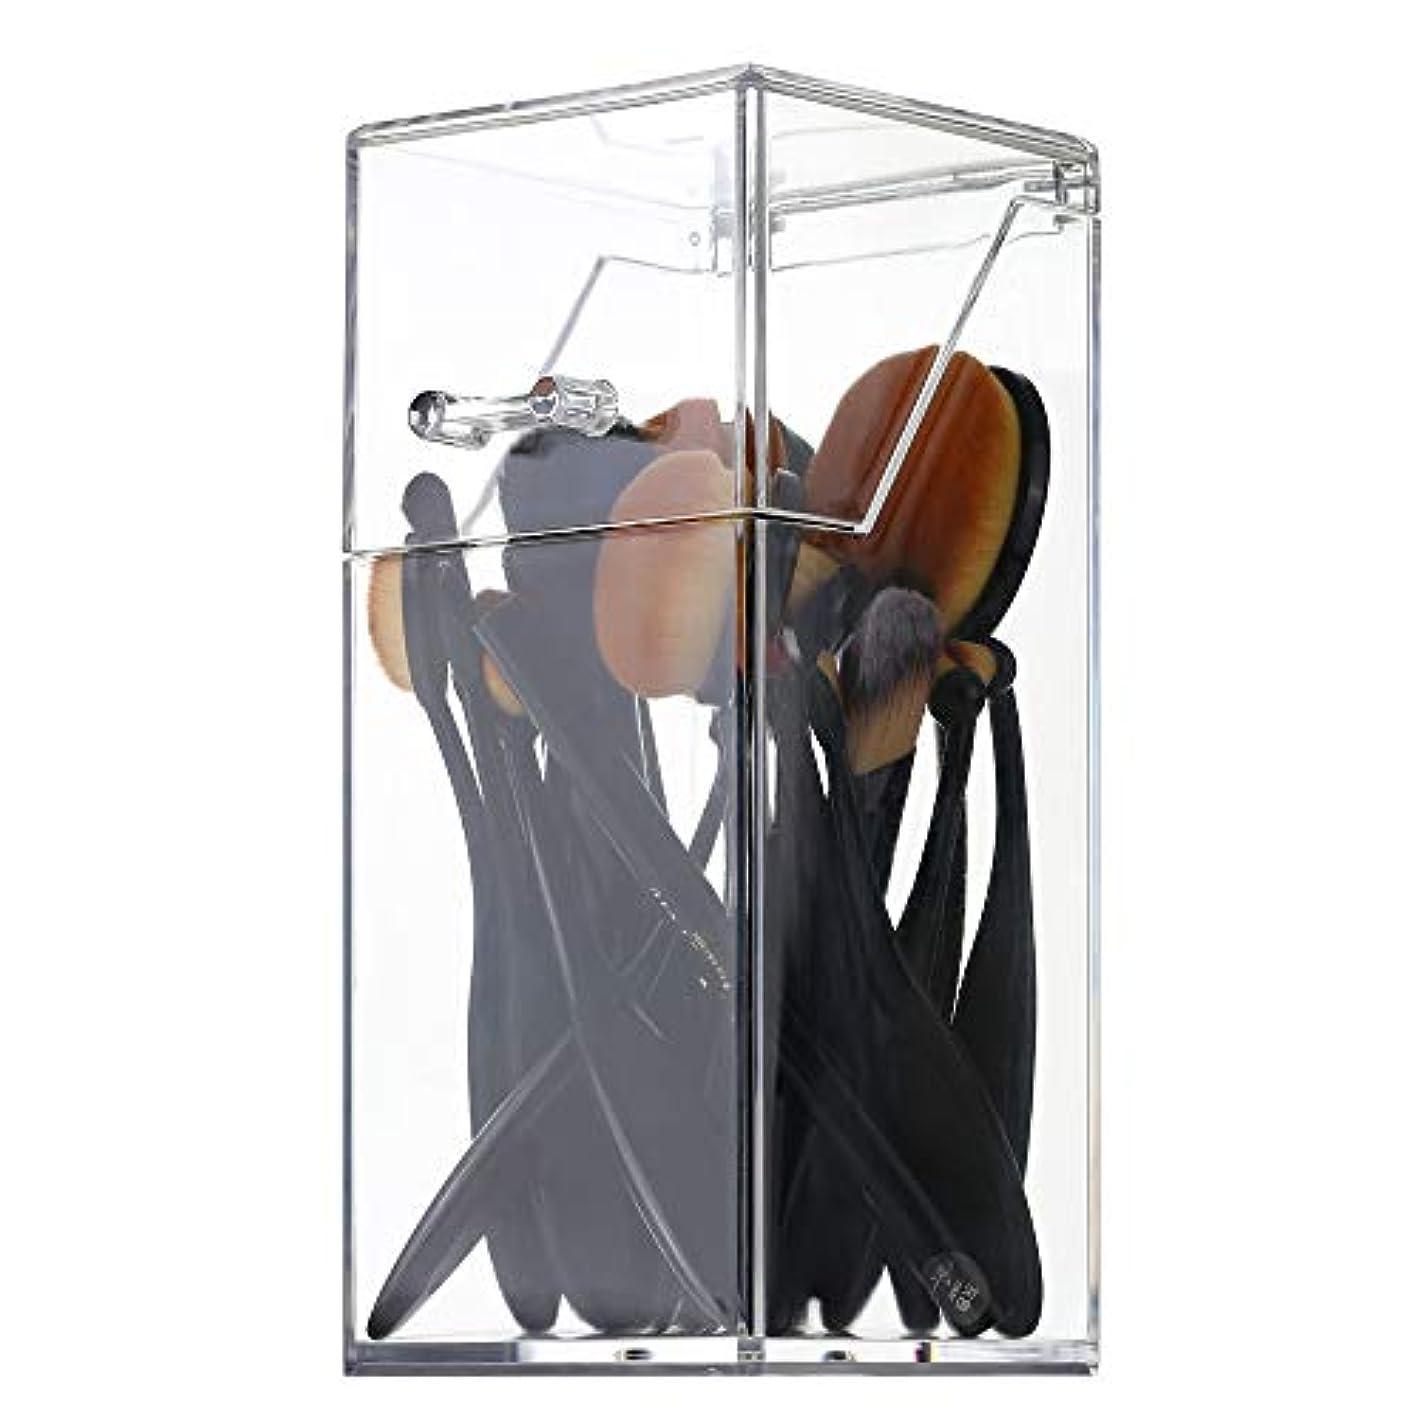 アプライアンス広範囲にチャップメイクボックス メイクブラシ収納 Decdeal 透明 ふた付き 防塵 持ち運び アクリルケース 化粧品収納ボックス 口紅 化粧ブラシ 文房具 小物入れ 卓上収納ケース